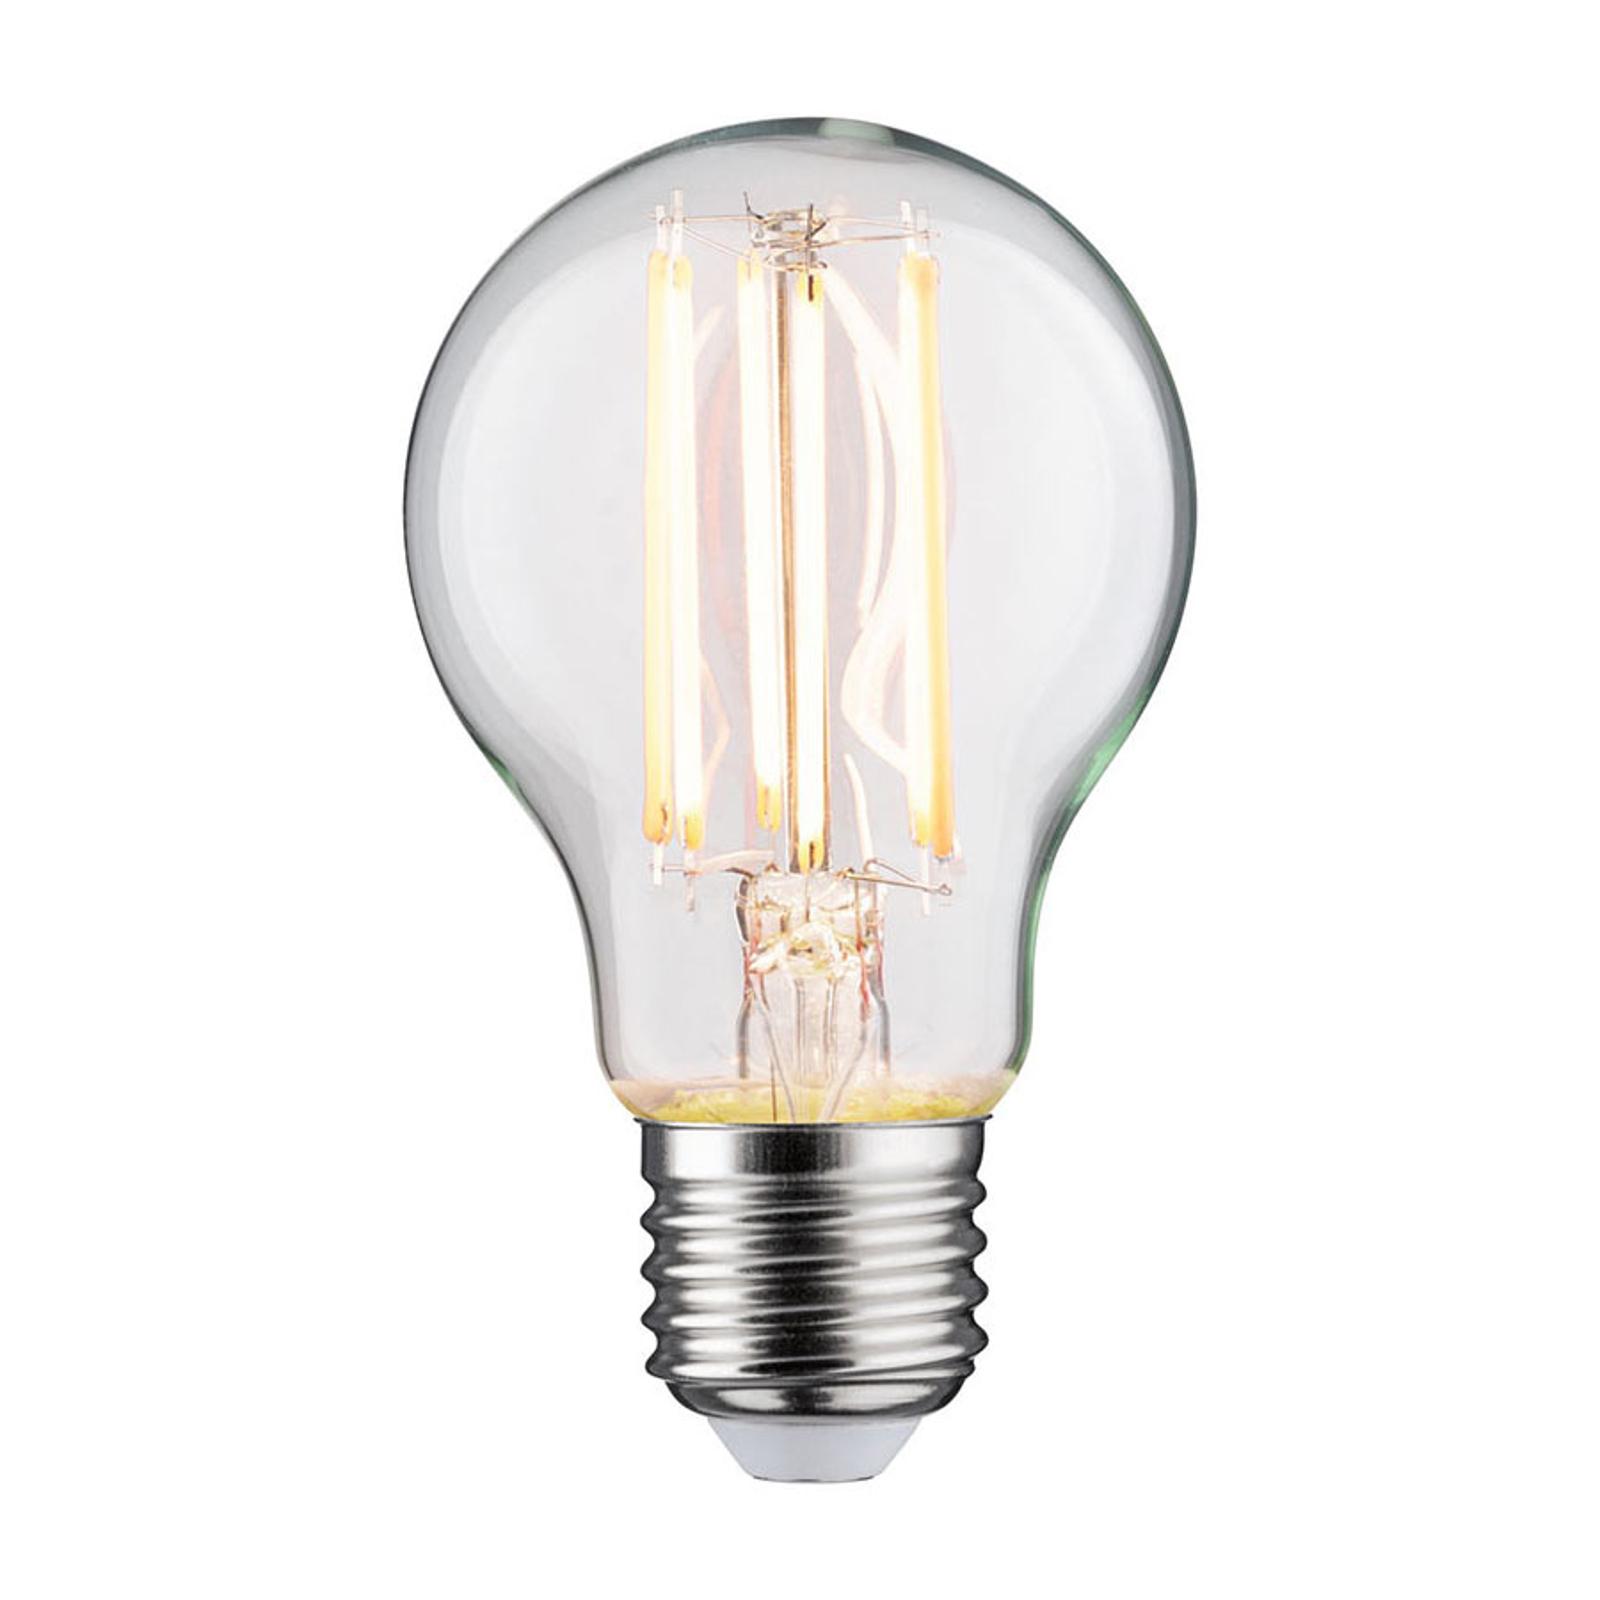 Paulmann LED-pære E27 7W, dim to warm